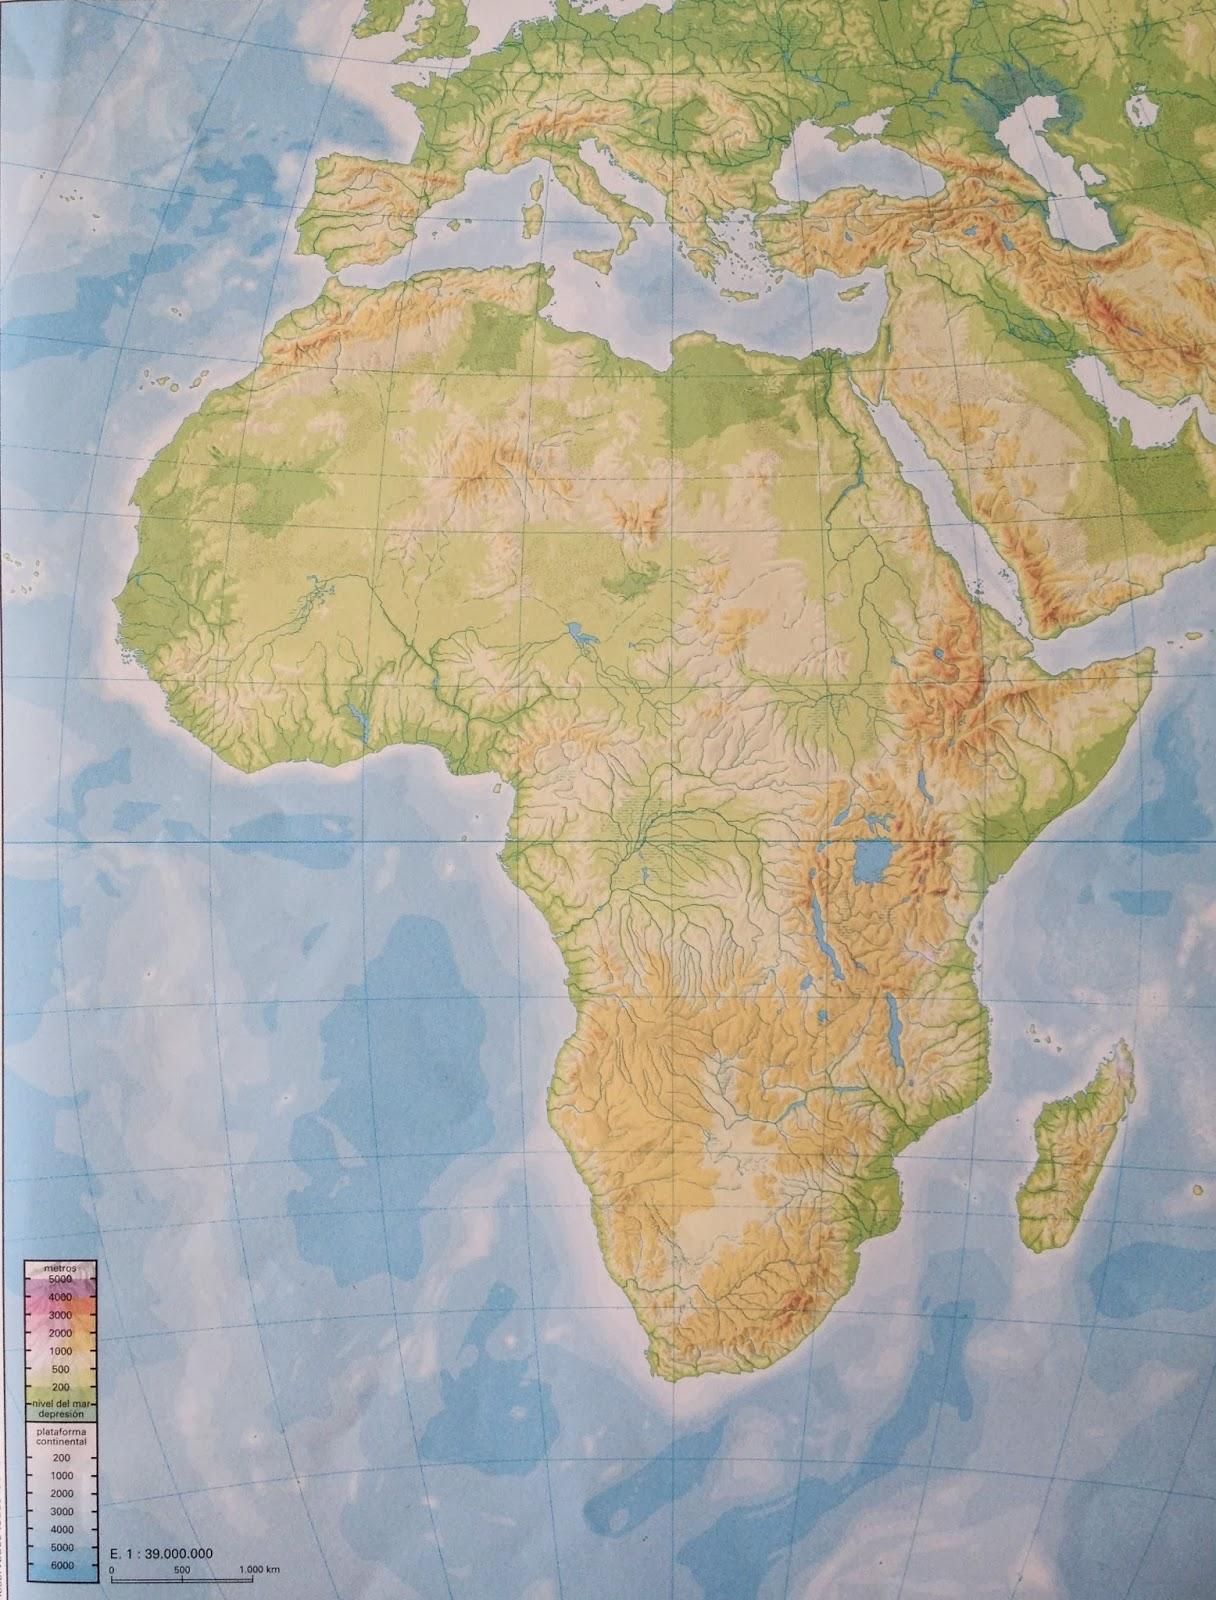 Mapa Africa Fisico Mudo.Juegos De Geografia Juego De Mapa Fisico De Africa 1